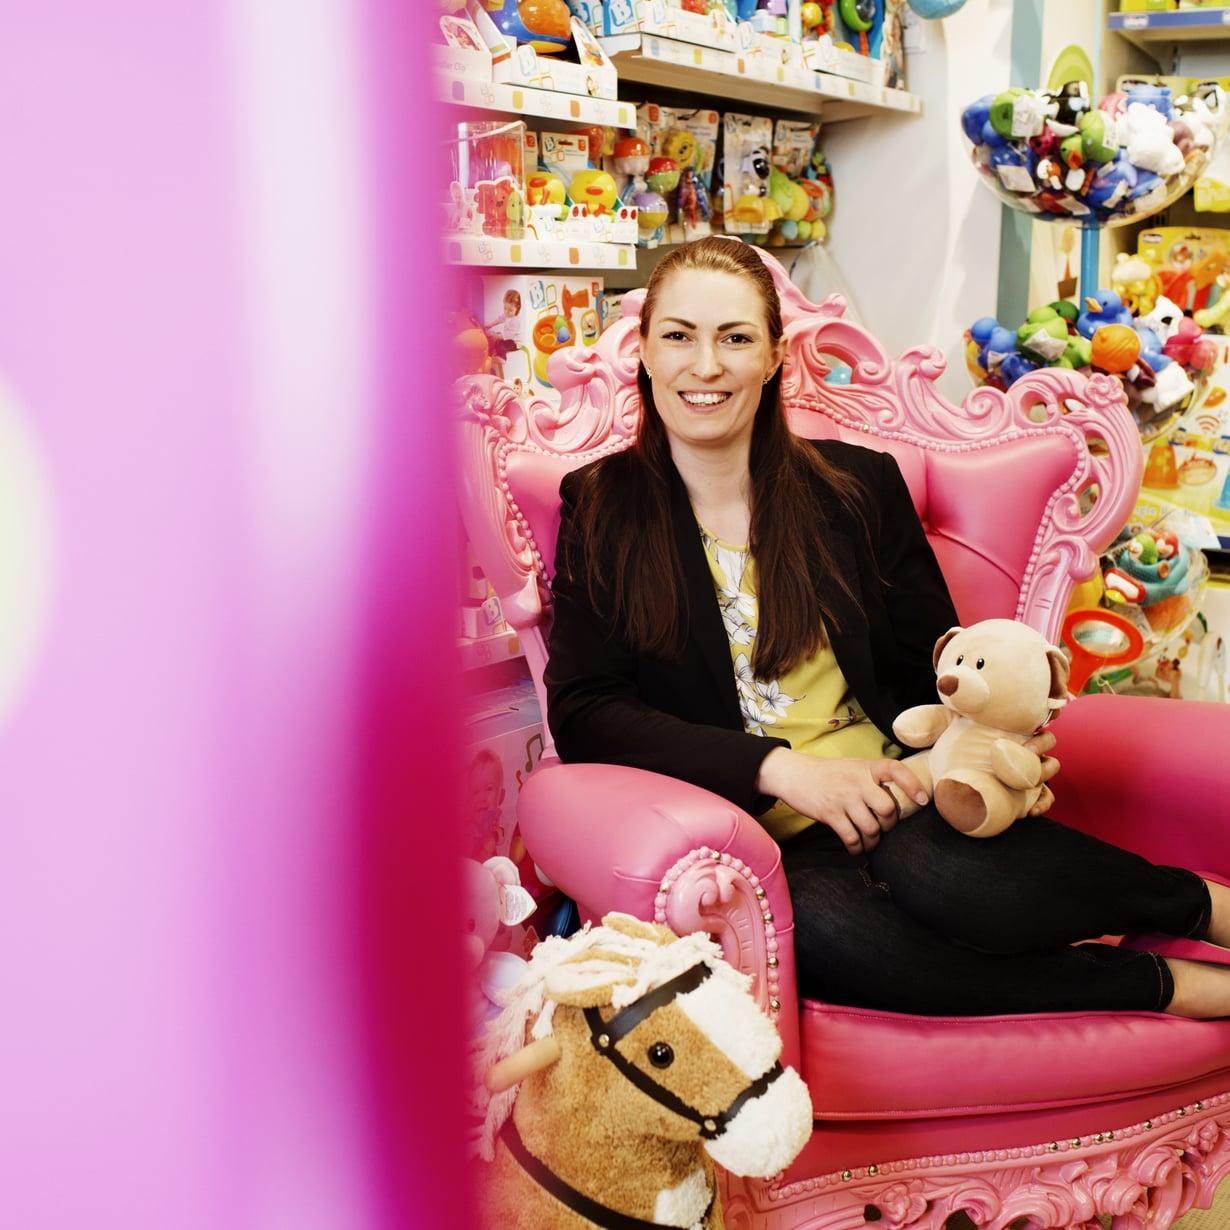 Anja Merenkivi yrittää kiertää leluosastot kaukaa vapaa-ajallaan. SIlti hänen ostoskoriinsa saattaa päätyä epäilyttävän näköinen lelu vaikka ruokaostoksilla. Kuva: Milka Alanen